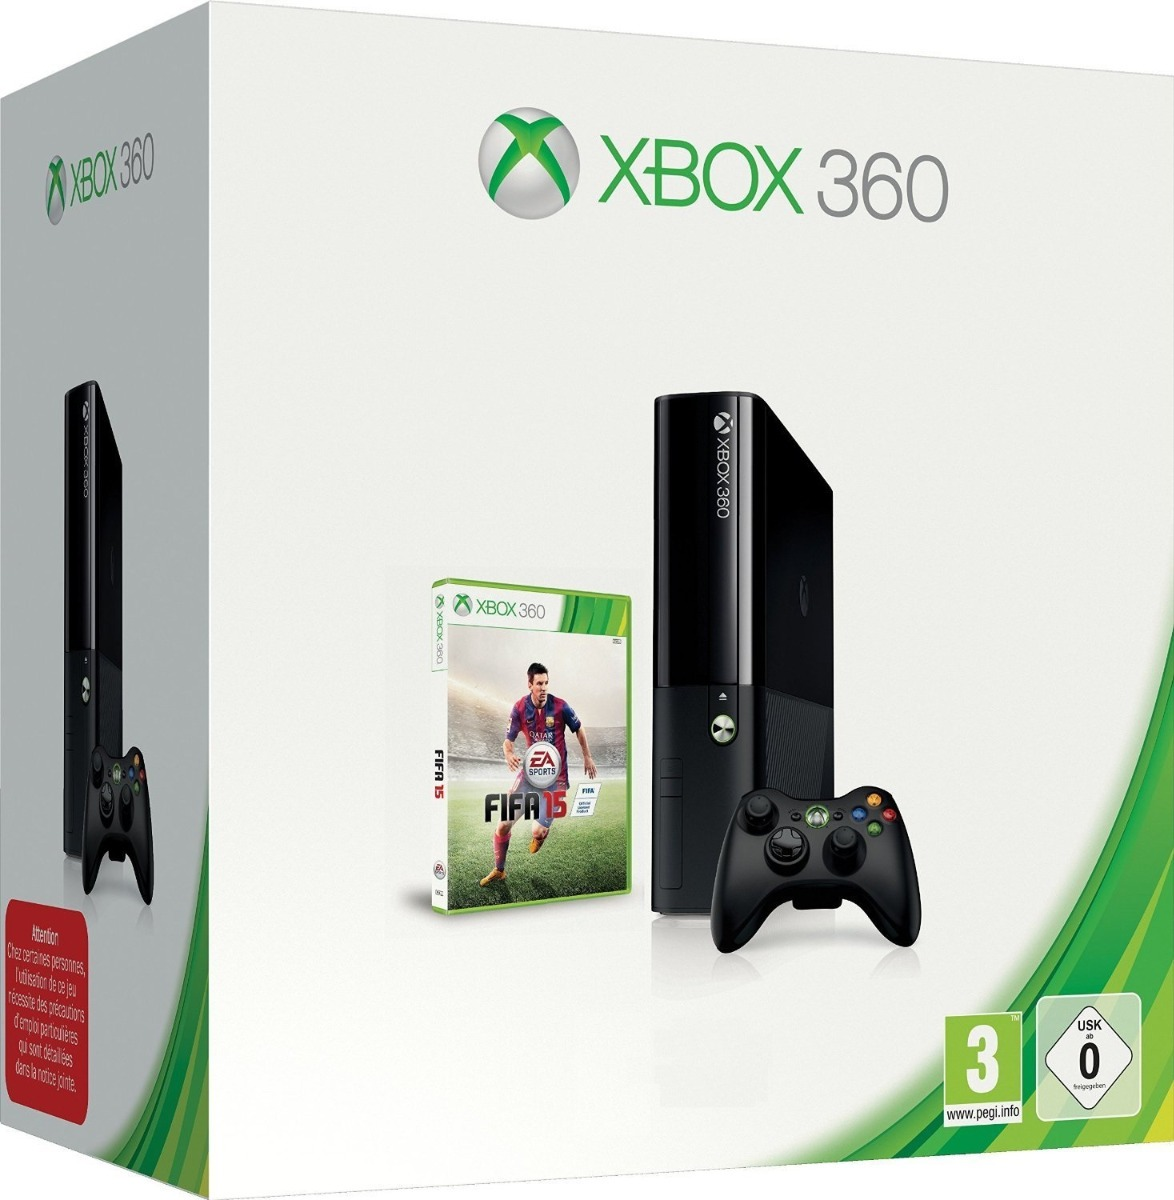 Xbox 360 Rgh 3 Joystick Inalam Kinect 24 Juegos 9 500